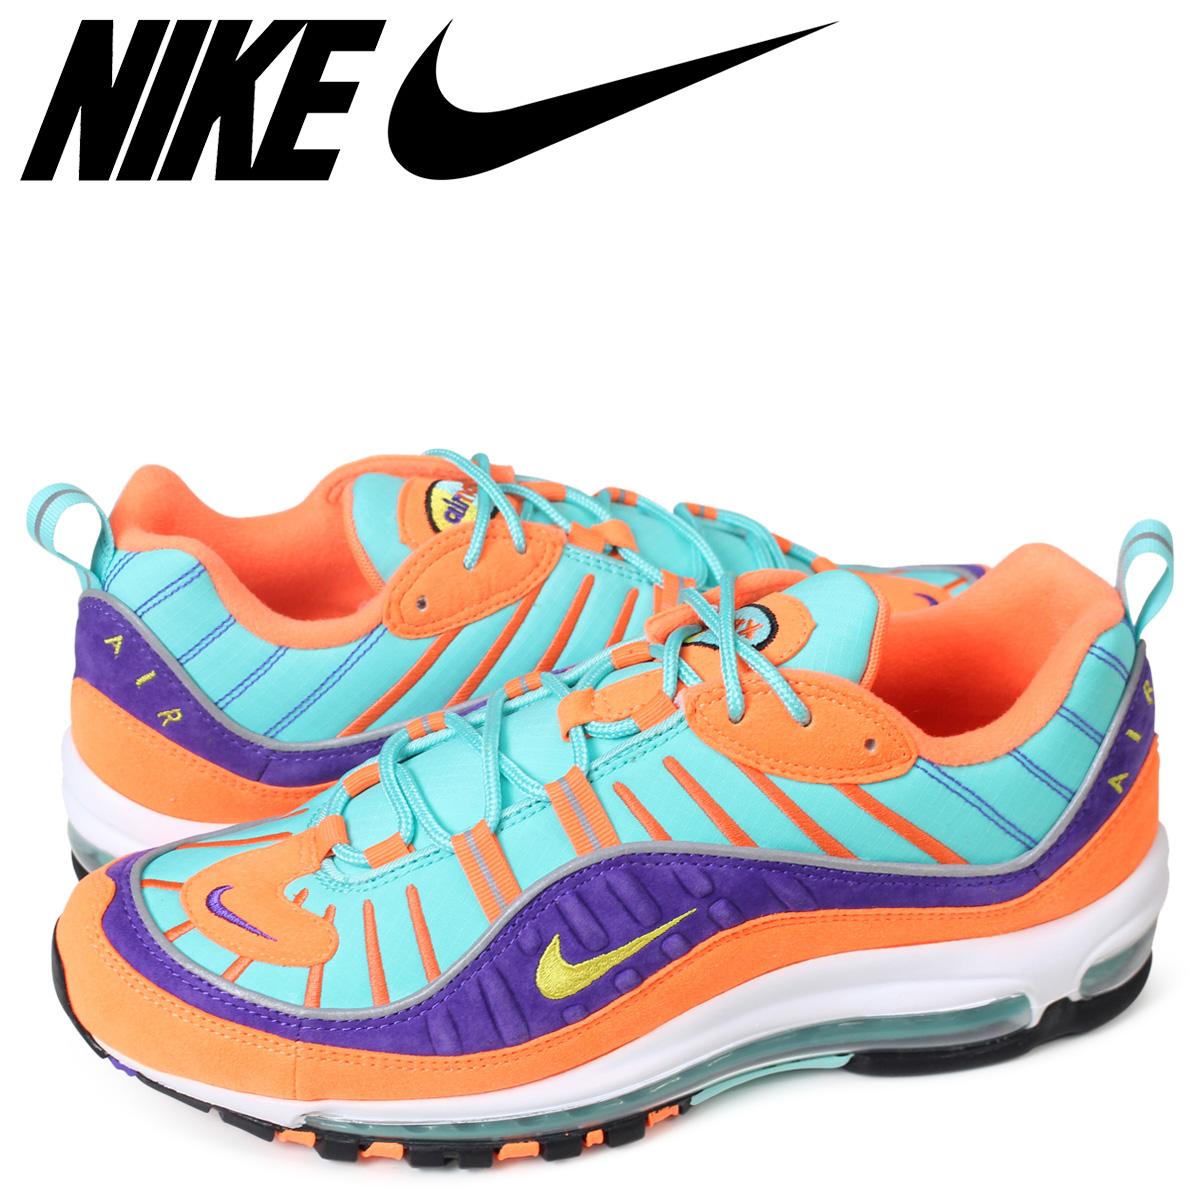 Nike NIKE Air Max 98 sneakers men AIR MAX 98 QS 924,462 800 orange